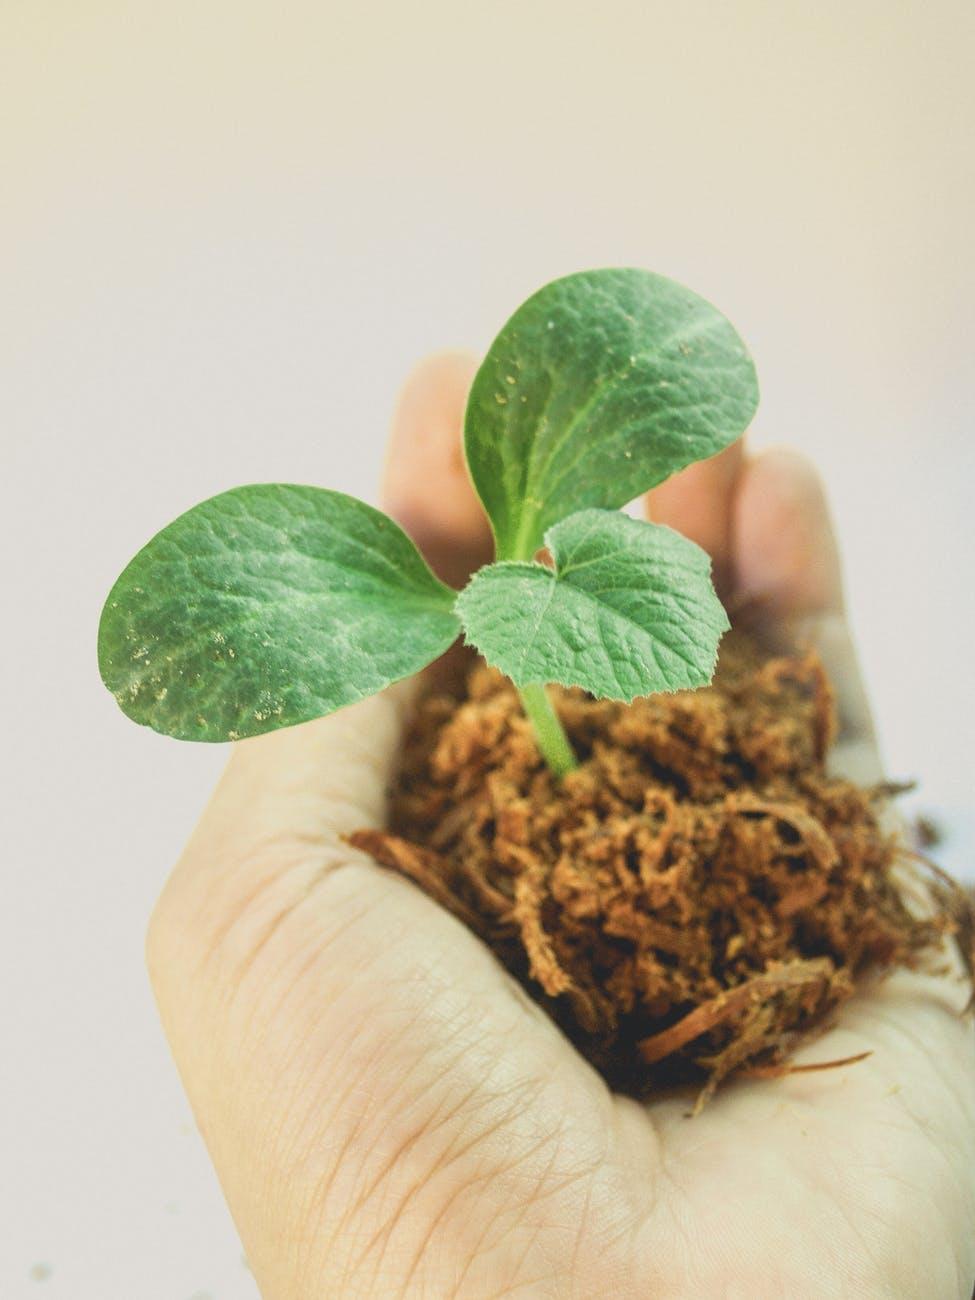 plante i hånd